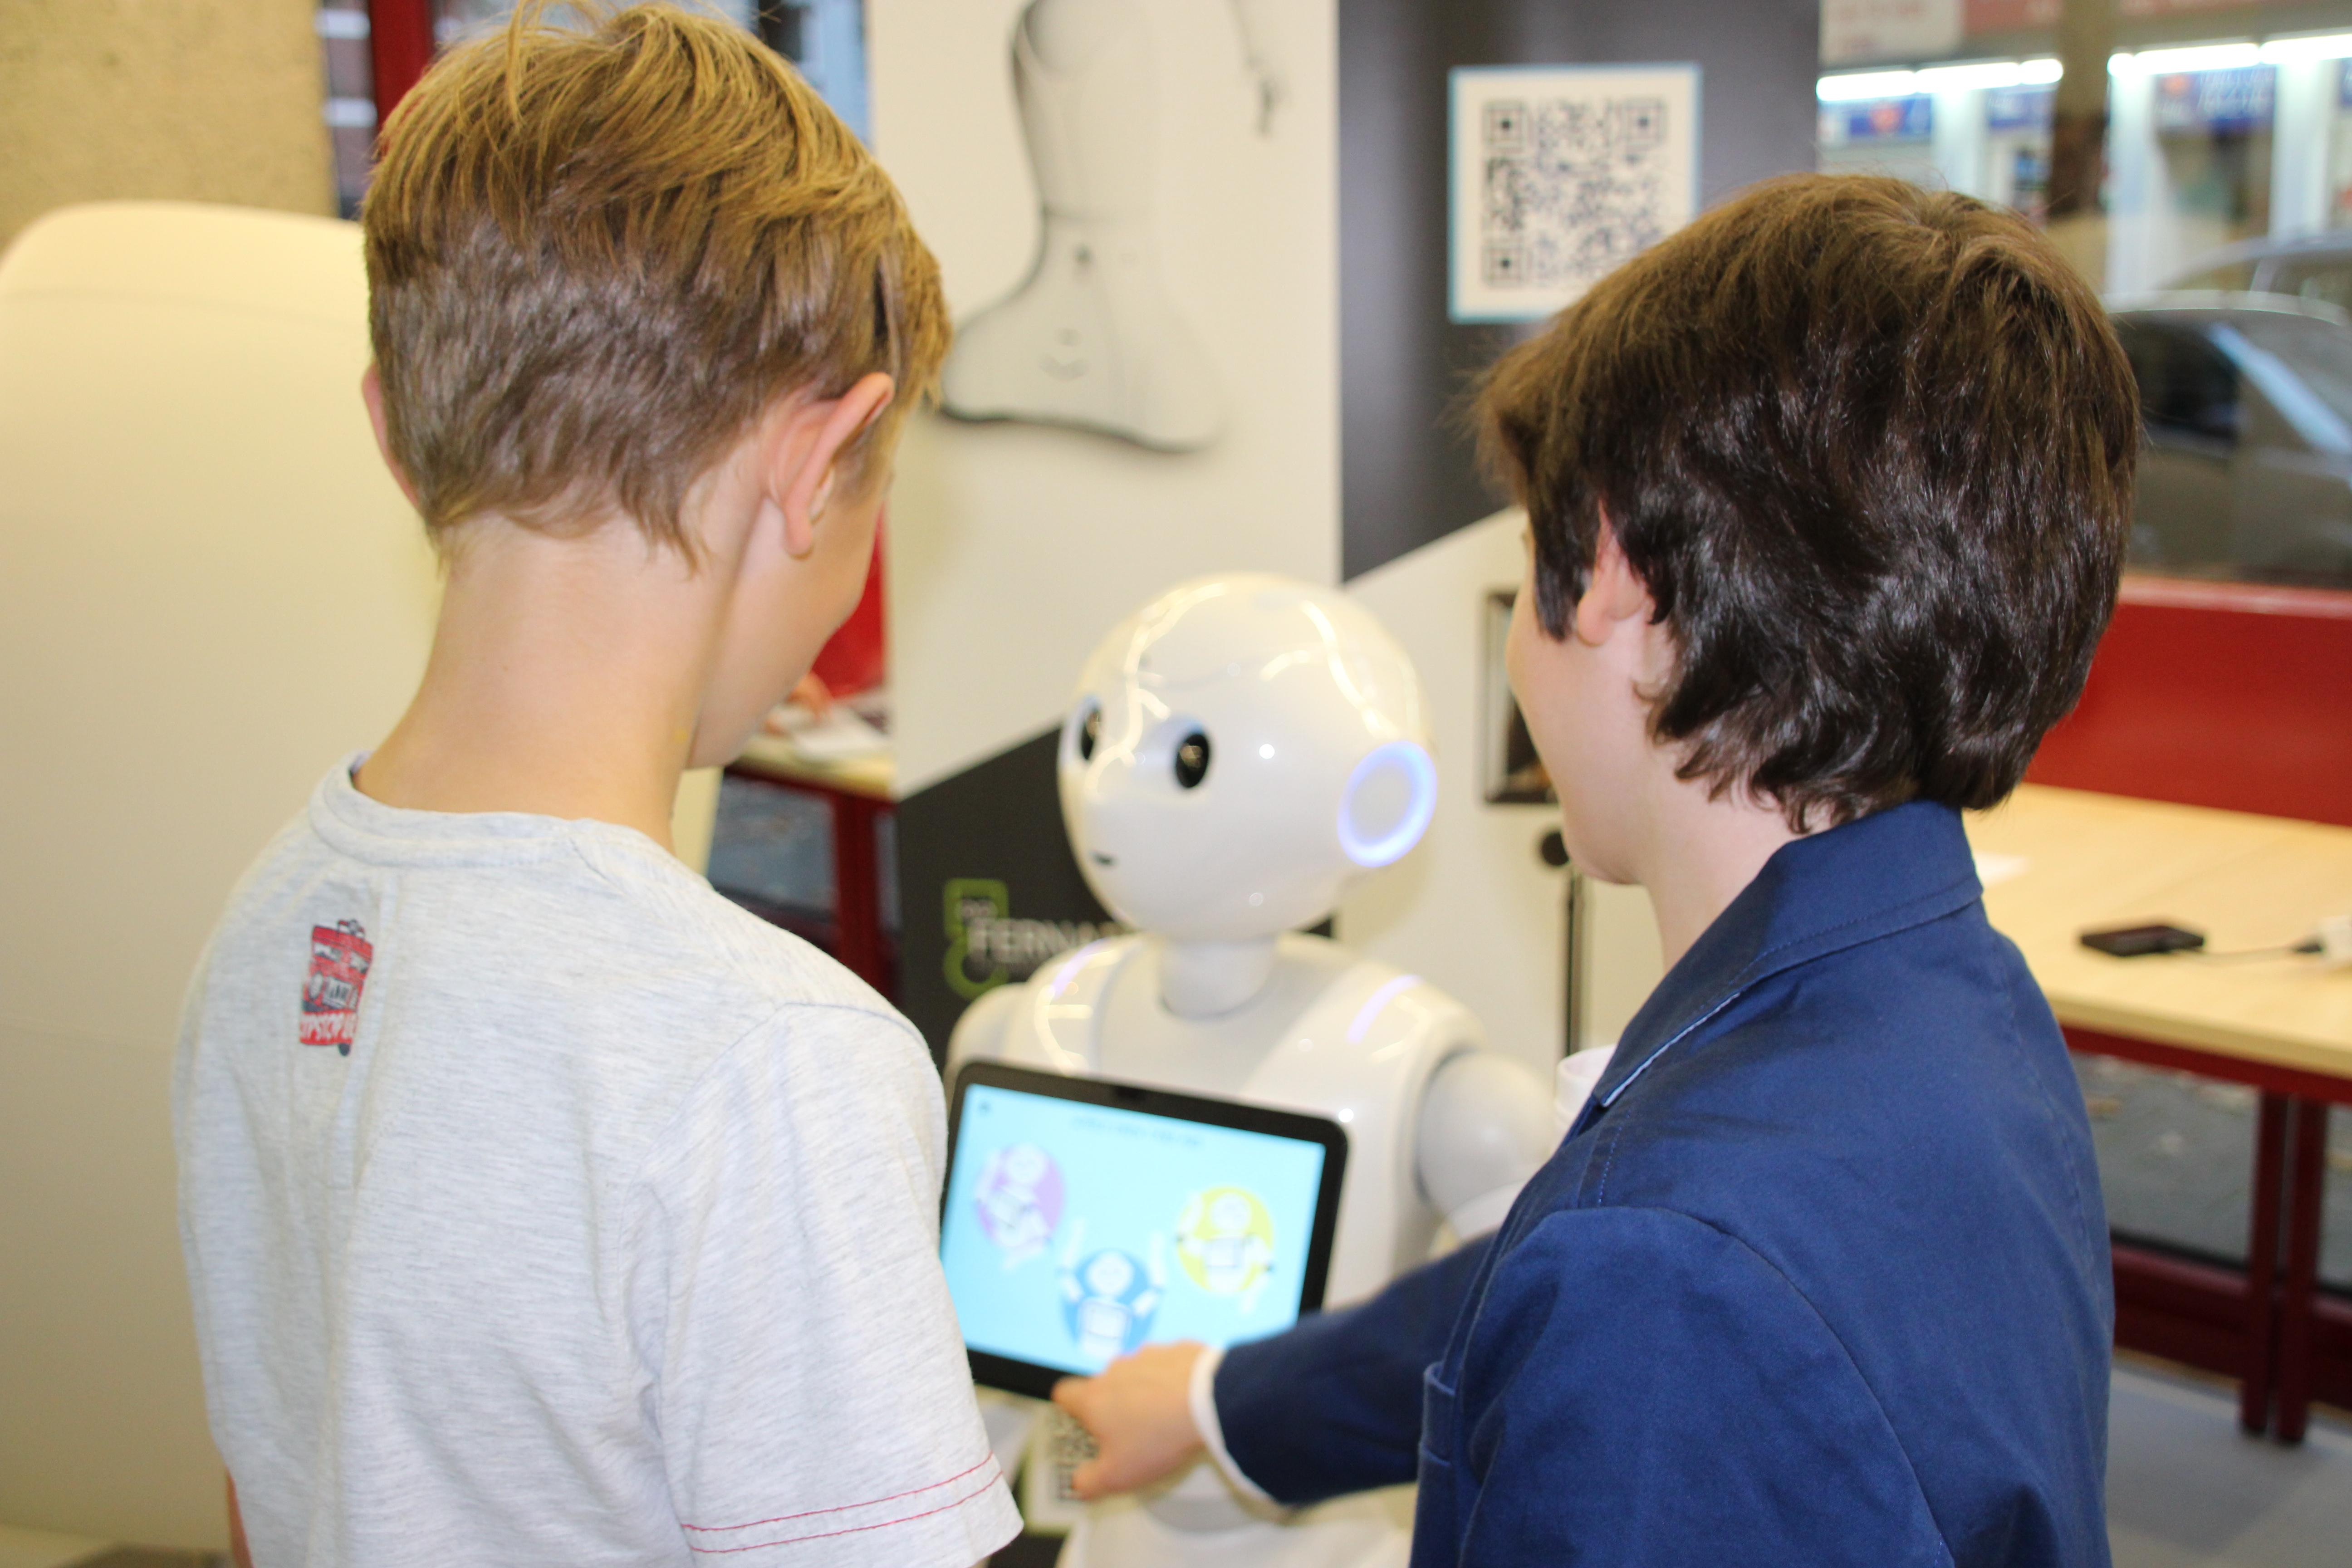 Beim MINT-Festival der Bibliothek Köln, ist Roboter Pepper eine wichtige Attraktion.